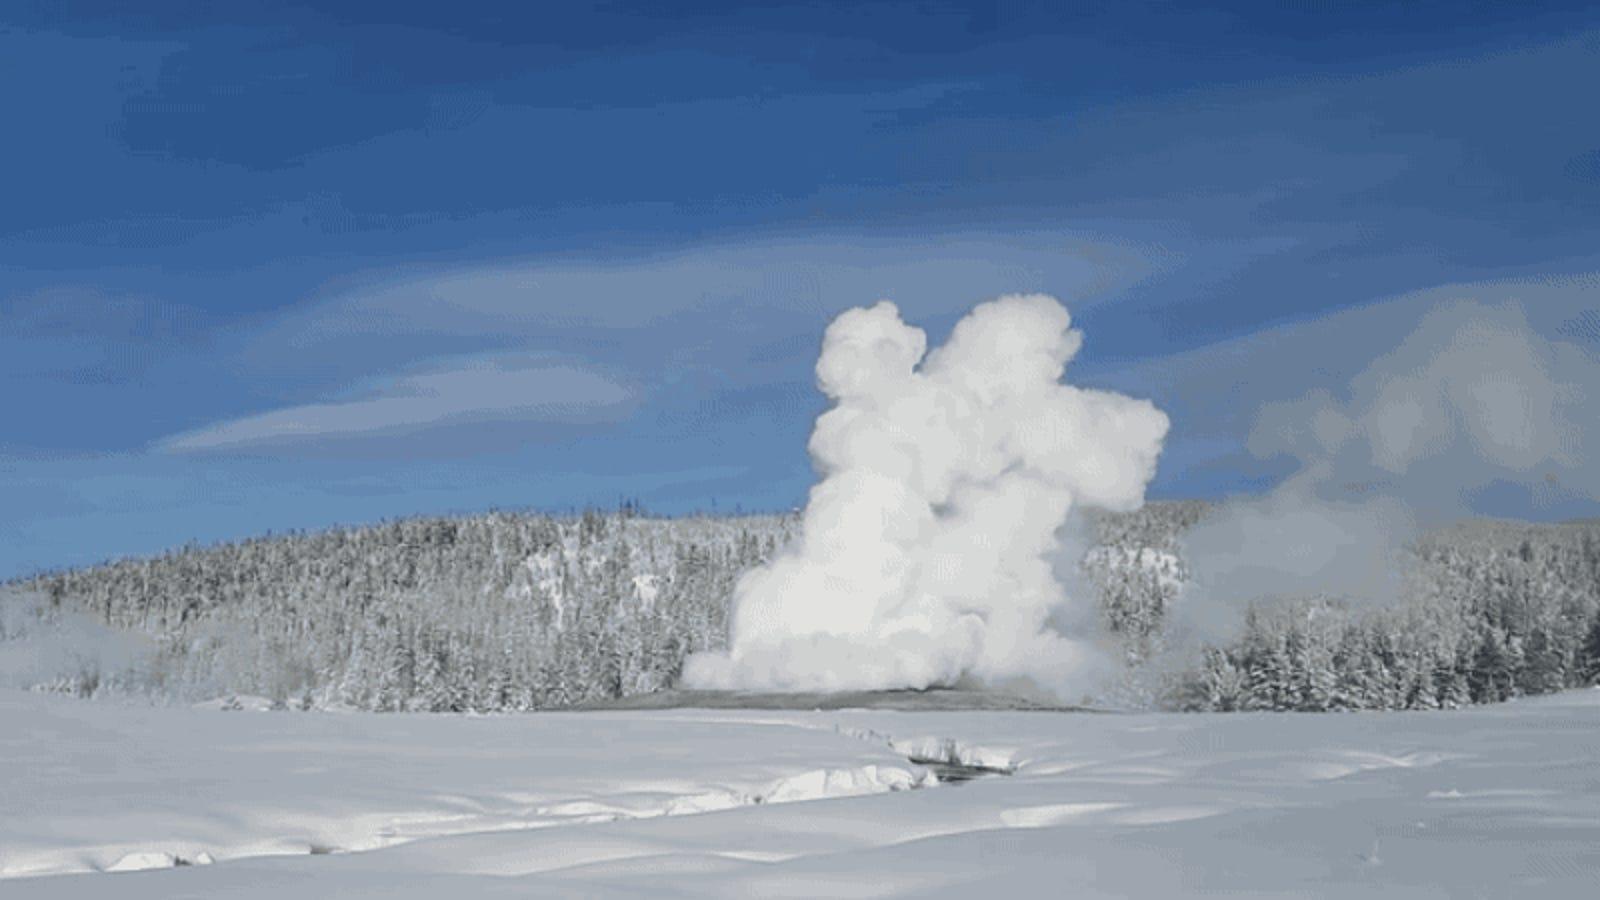 La temperatura ha bajado tanto en Yellowstone que los géiseres escupen nieve en lugar de agua hirviendo